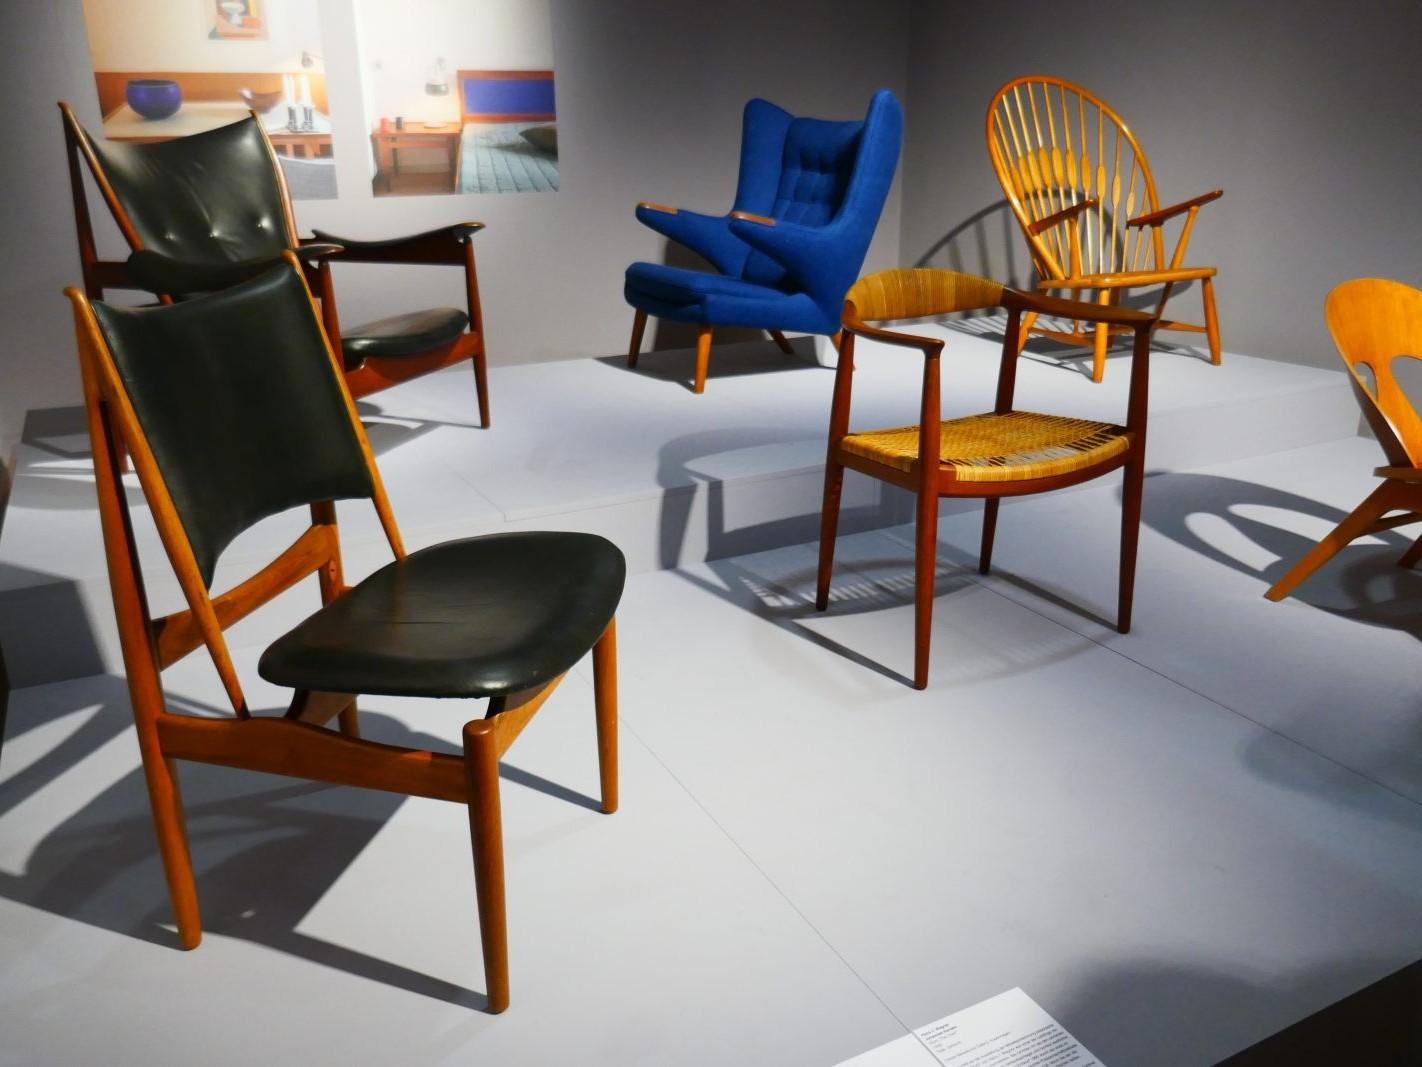 Nordic Design. Eine Antwort aufs Bauhaus - Bröhan Museum Berlin - Foto: Stefan Rethfeld